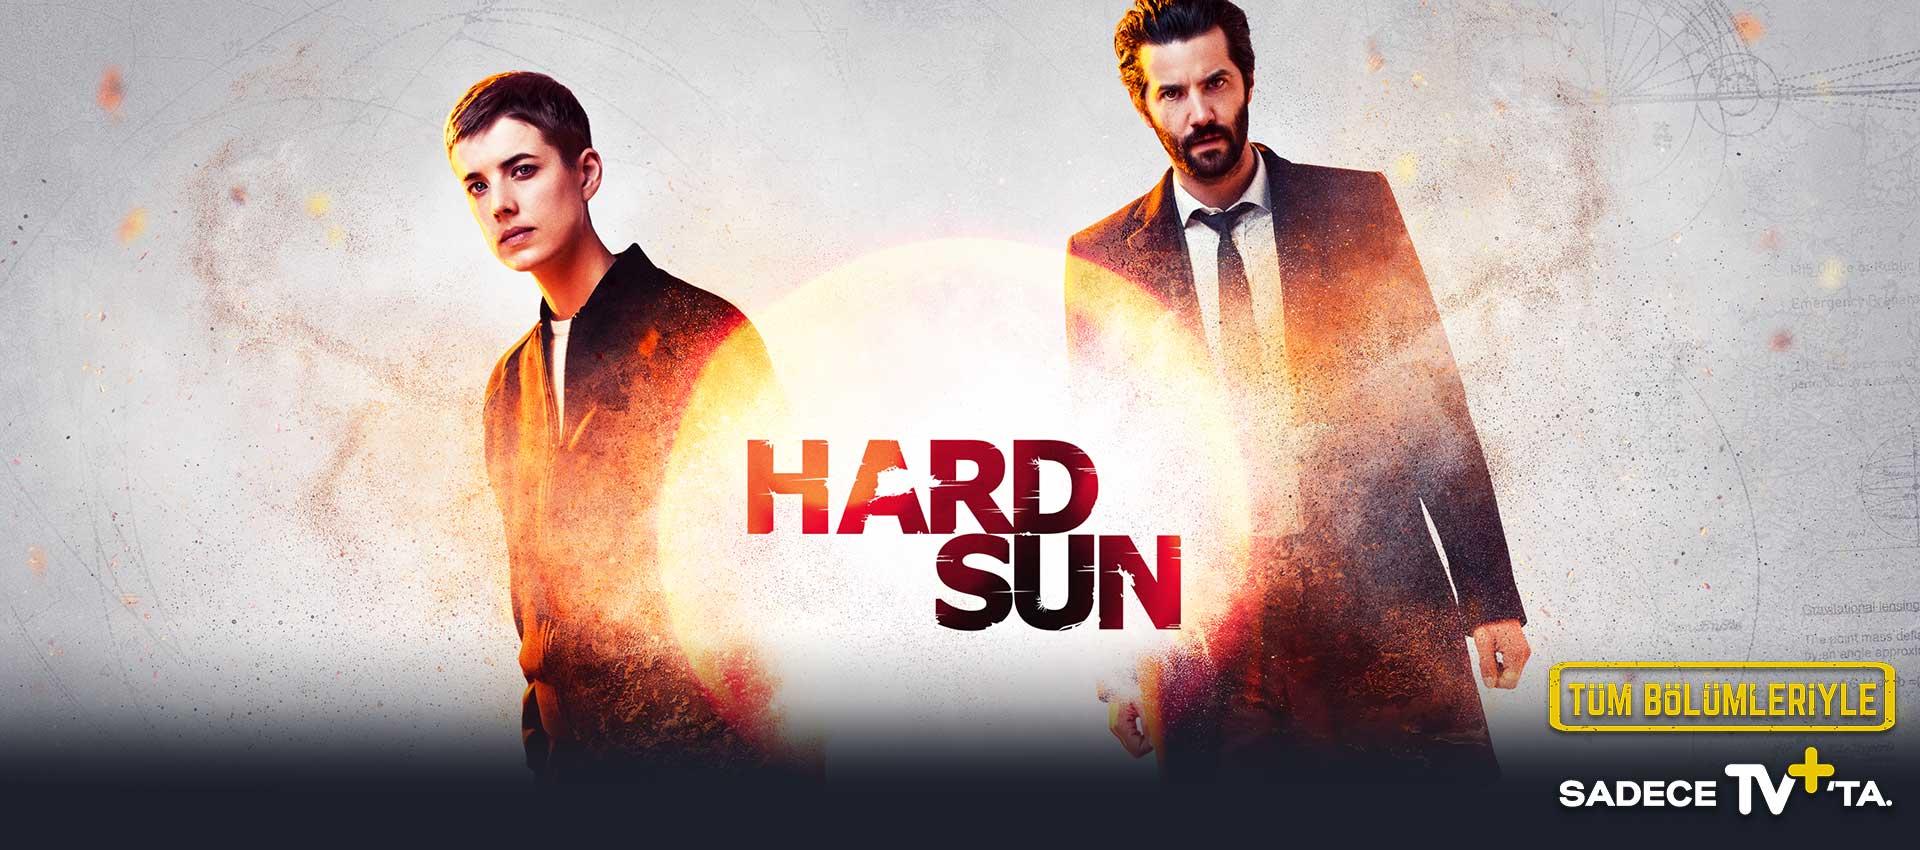 Hard Sun Dizi İzle türkçe izle hd izle